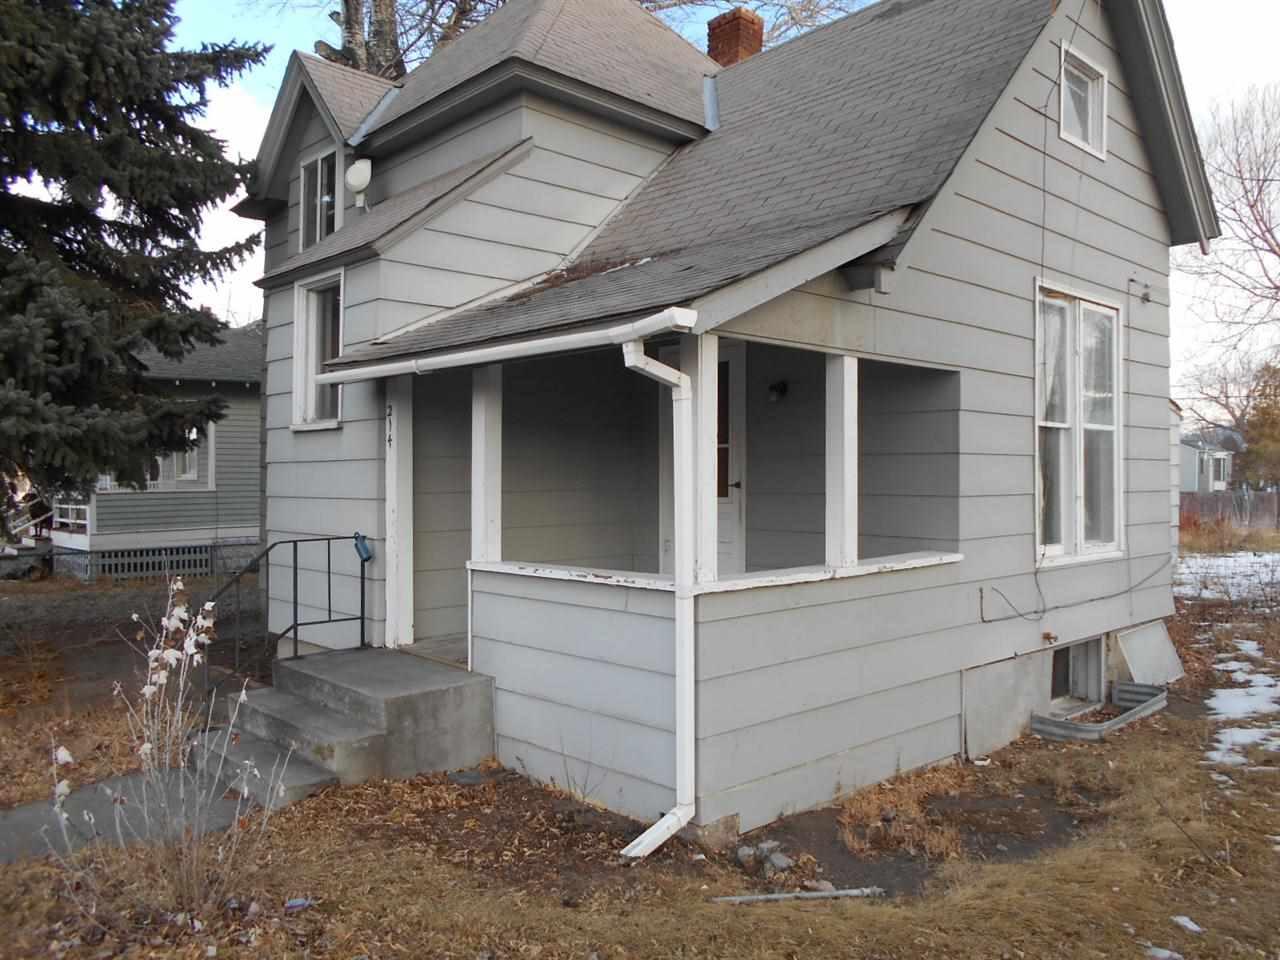 214 N Cedar St, Townsend, MT 59644